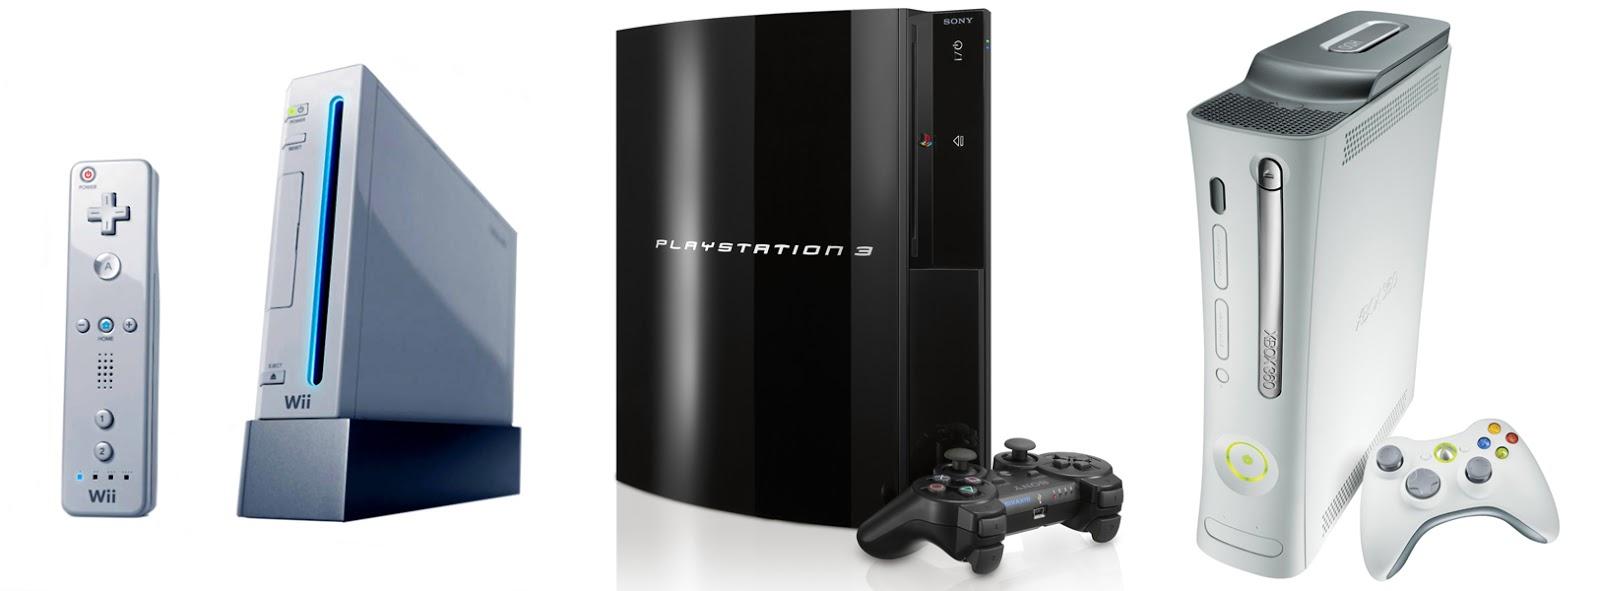 consolas de videojuegos 7 generacion